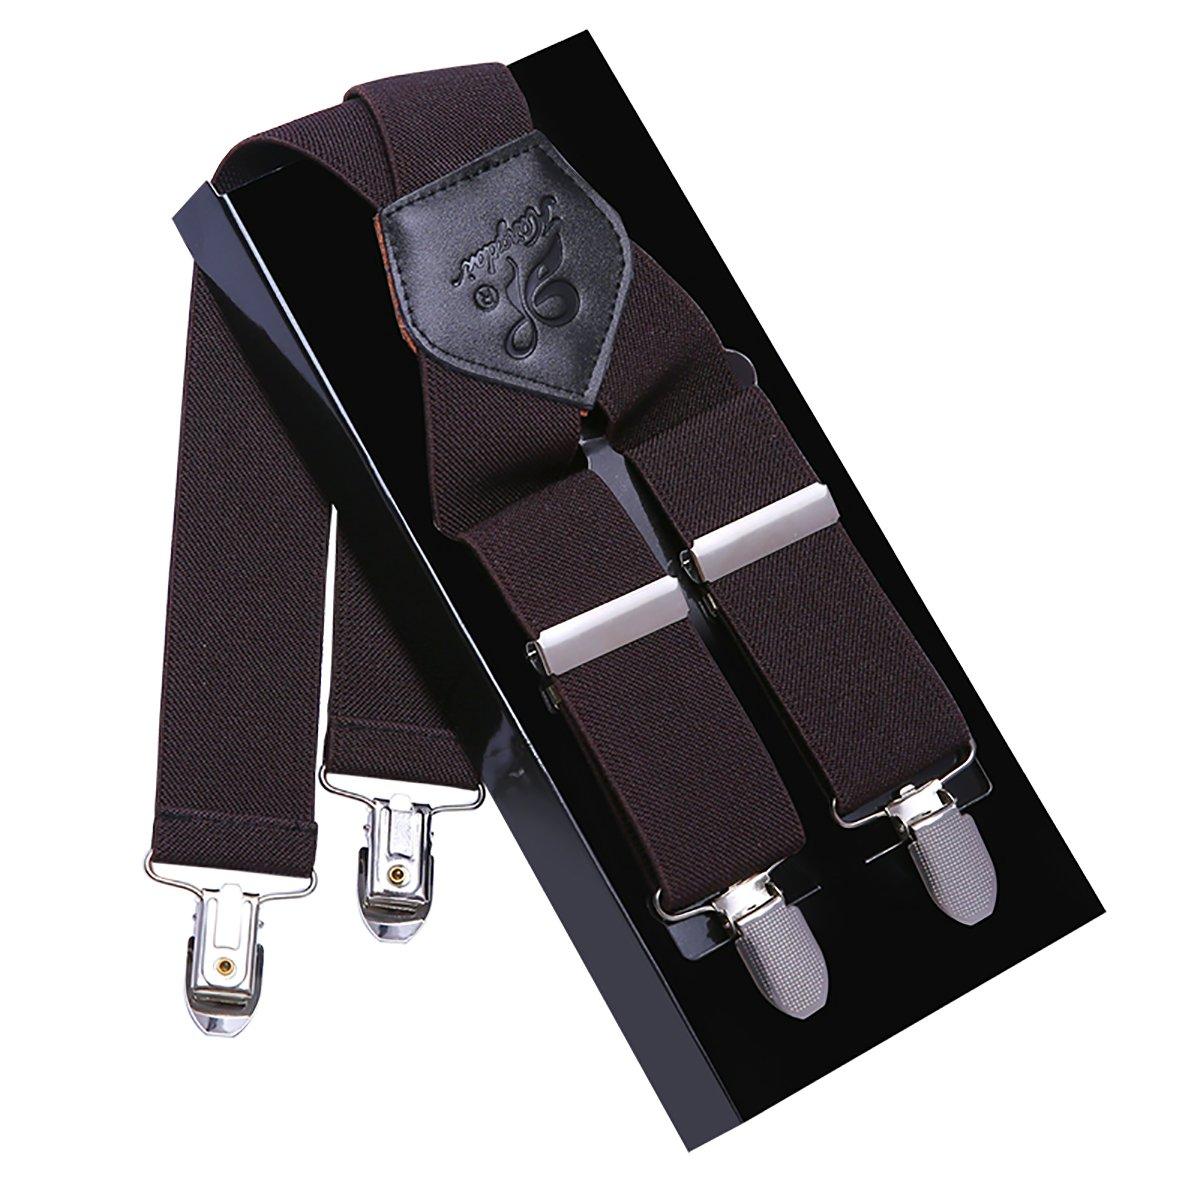 KANGDAI Hommes Bretelles Bretelles Pour Hommes 4 Boucles X Retour Rayé Heavy Duty Hommes Bretelles Durable Élastique Réglable Bretelles Forte En Métal Clips